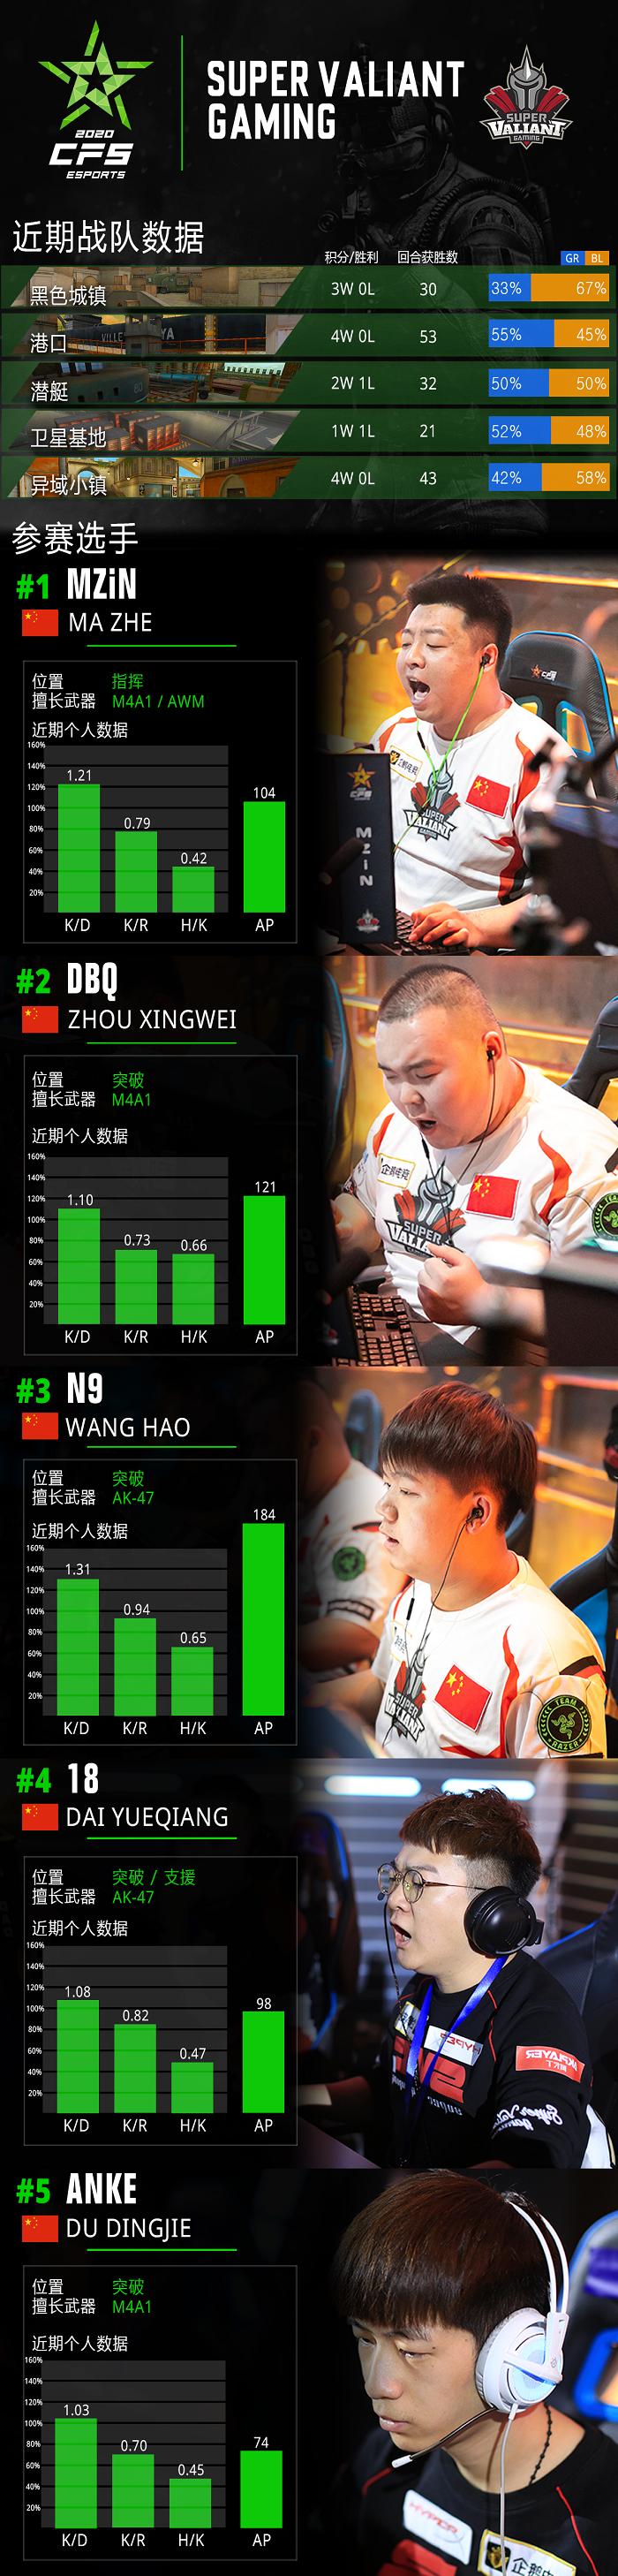 CFS2020世界总决赛参赛战队发布,战队选手数据解析